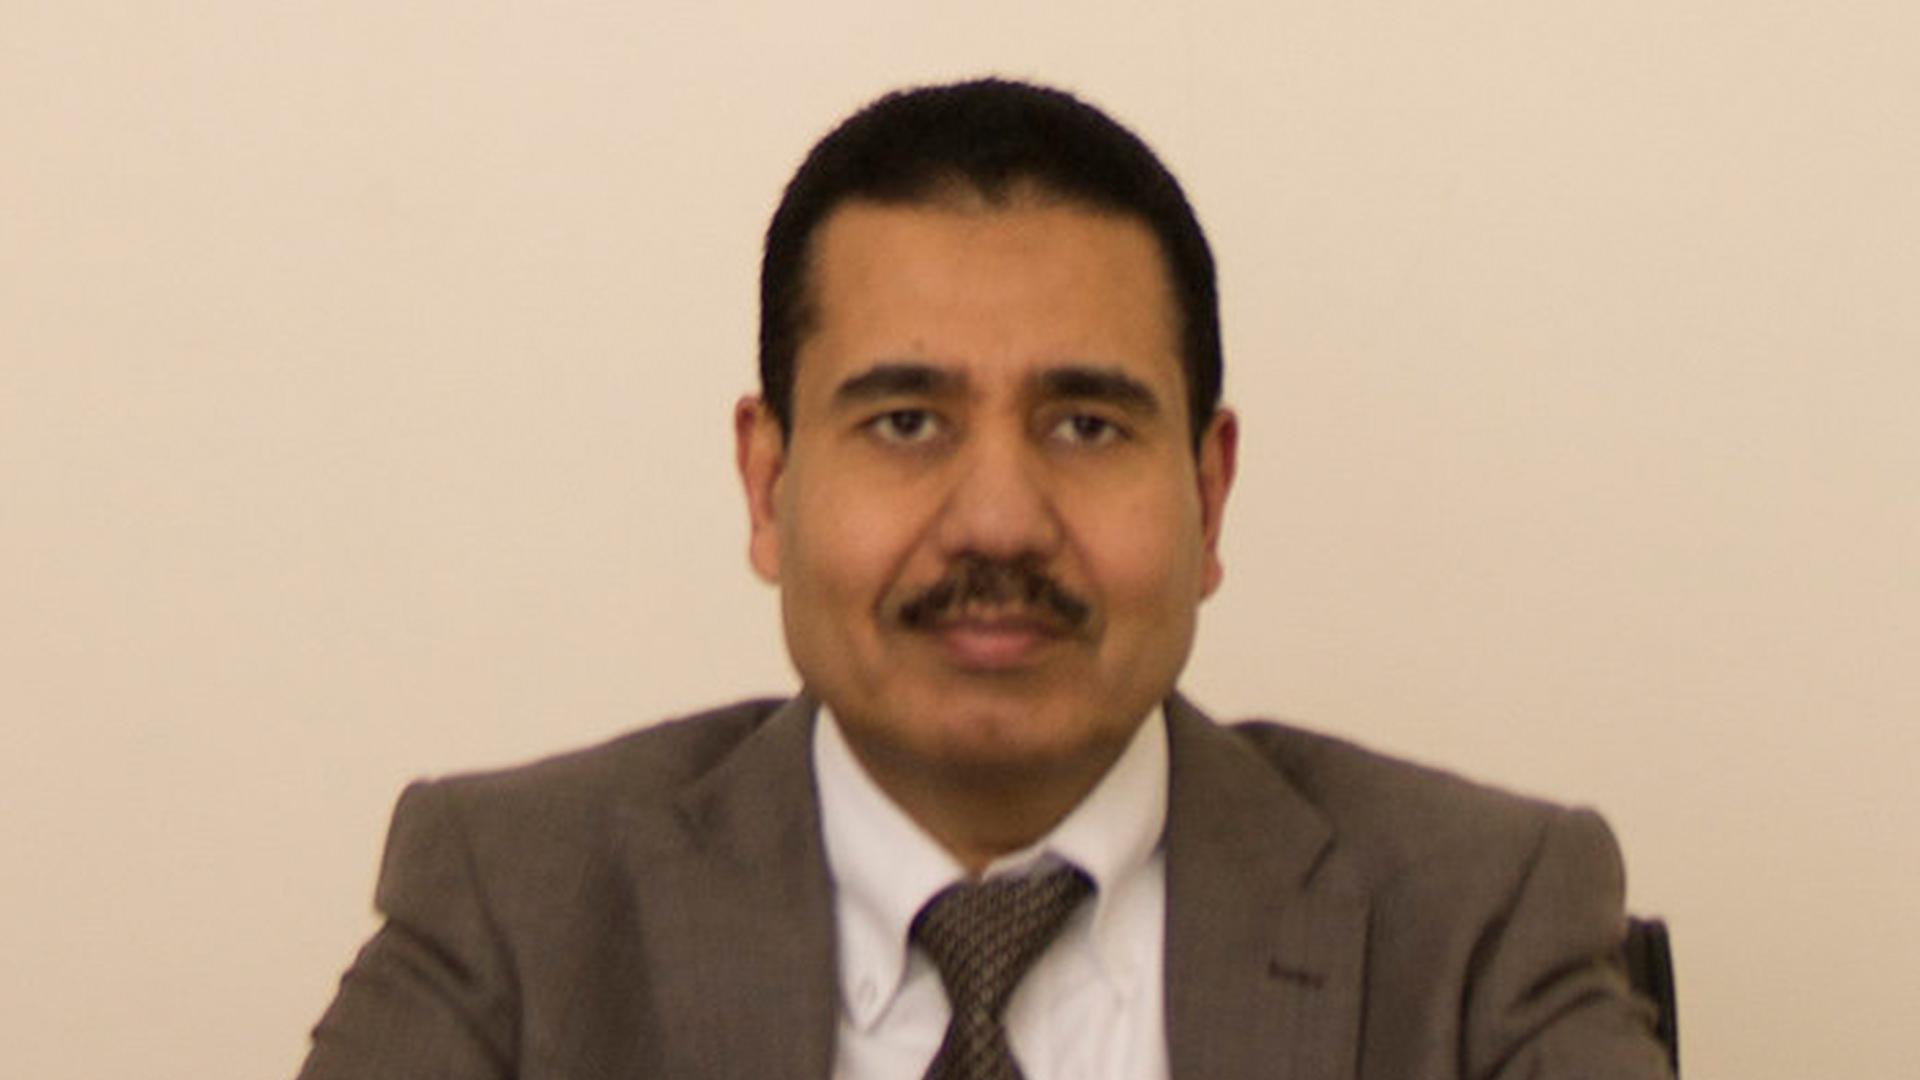 Dr. Isa Al-Sherooqi